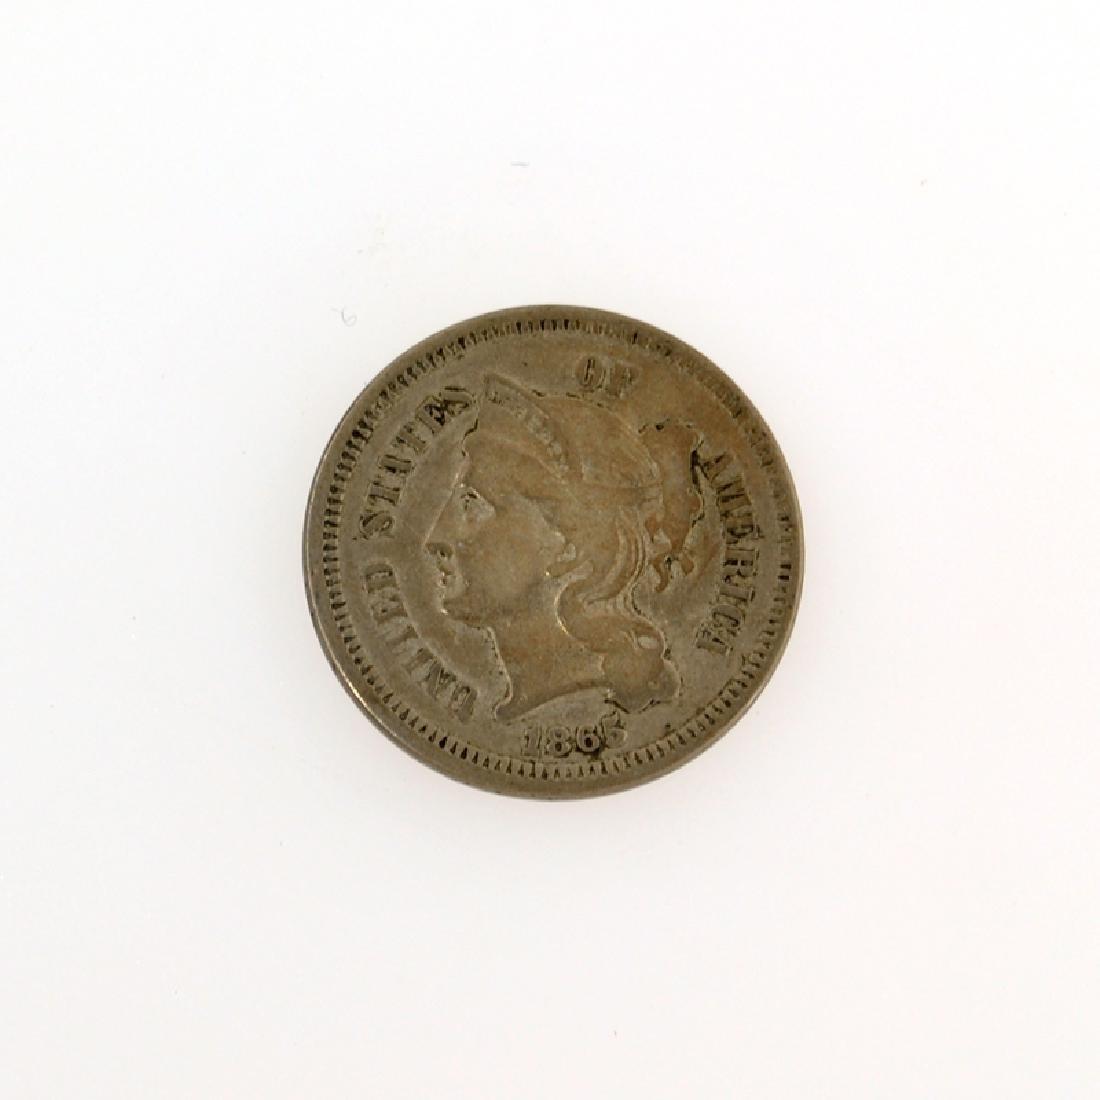 1865 Three Cent Piece Nickel Coin